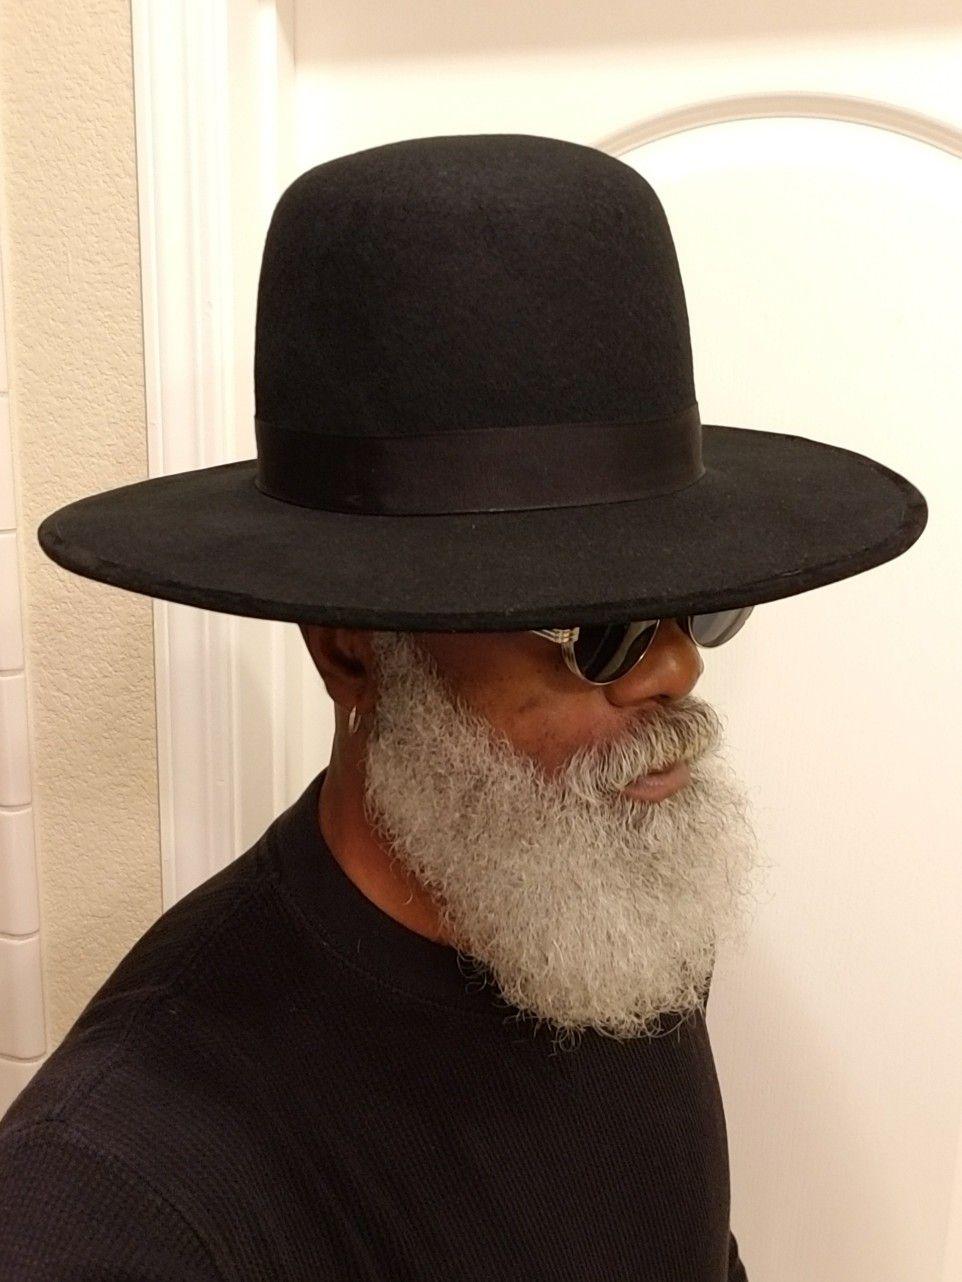 72173b66d2 OldsCool Rasta $$ Wide Brim Stetson Berkeley Hat Co 2 | Hats in 2019 ...